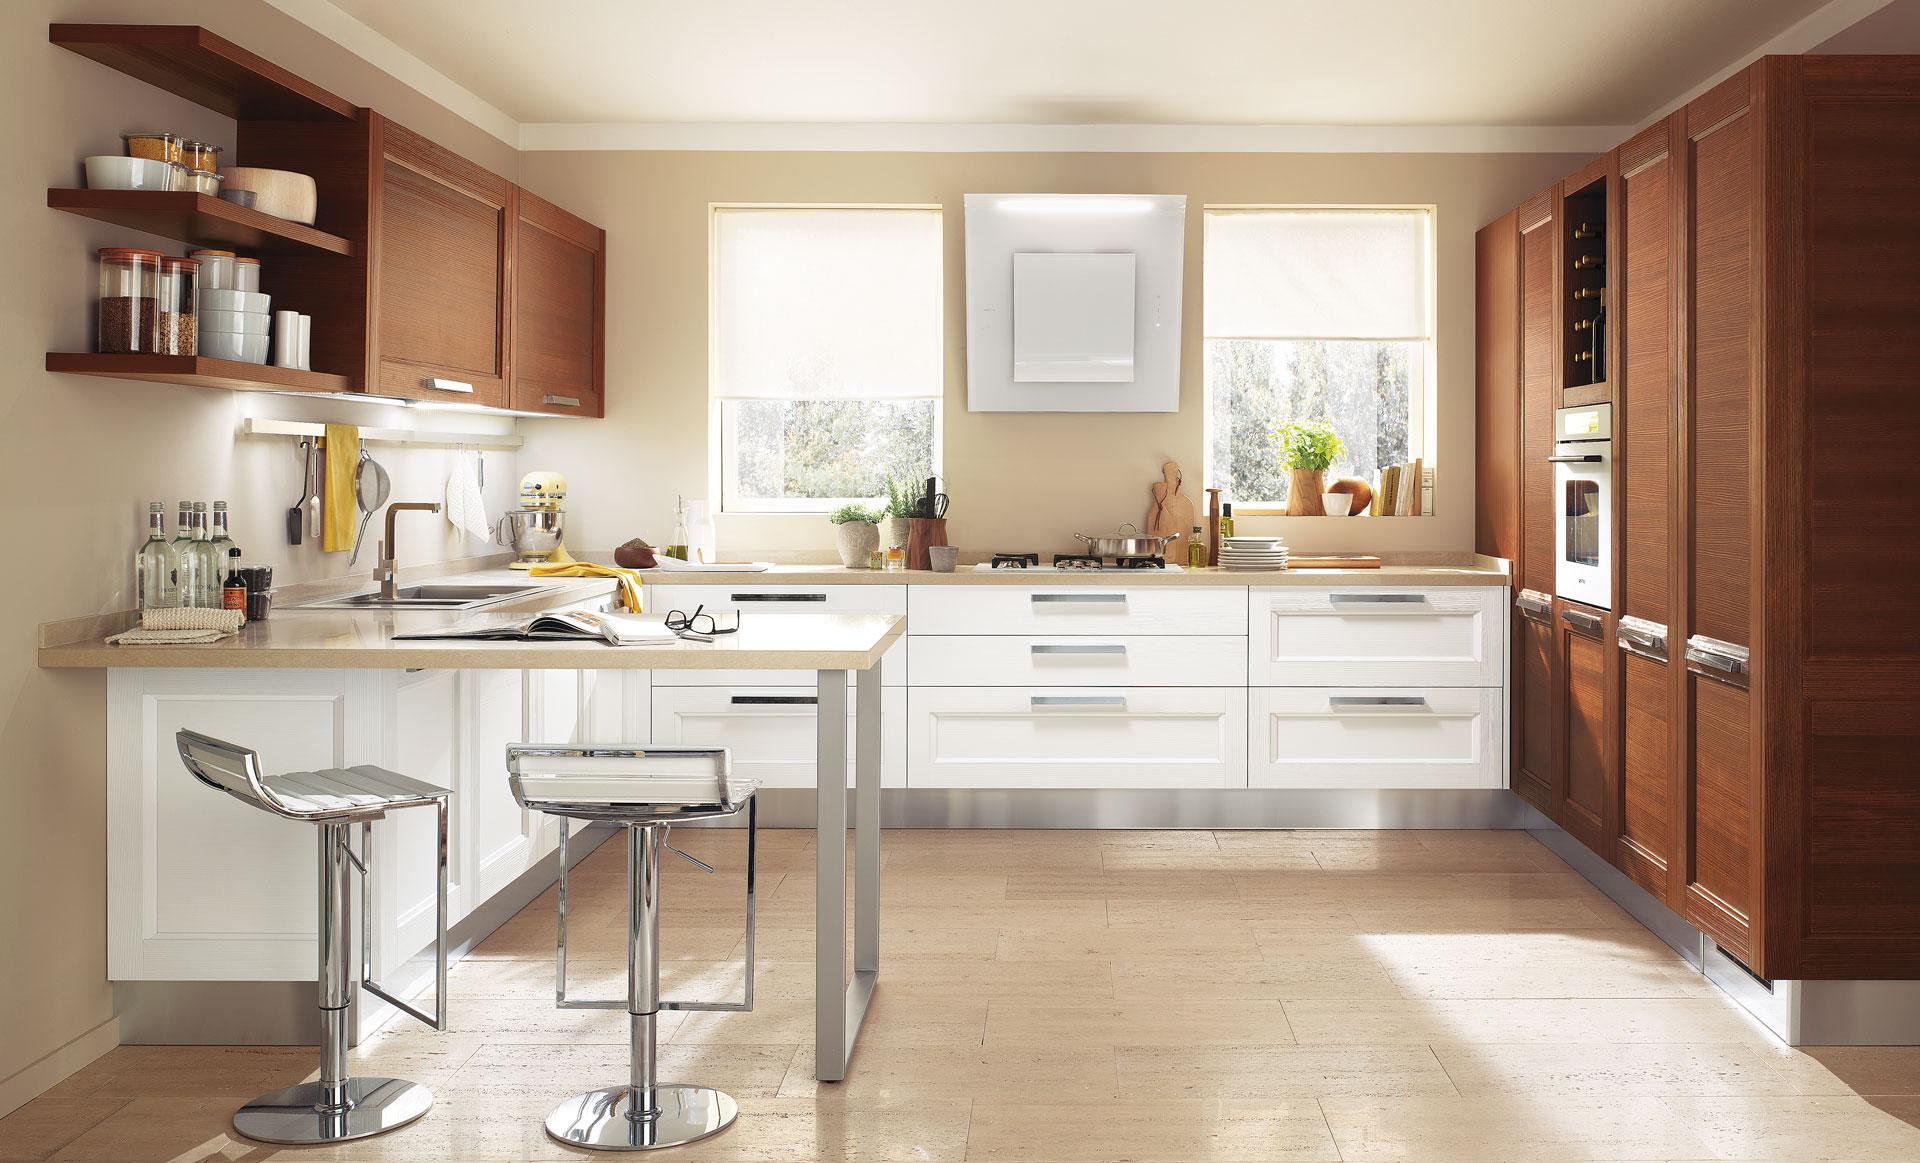 Georgia - Cucine Moderne - Scheda prodotto - Cucine Lube